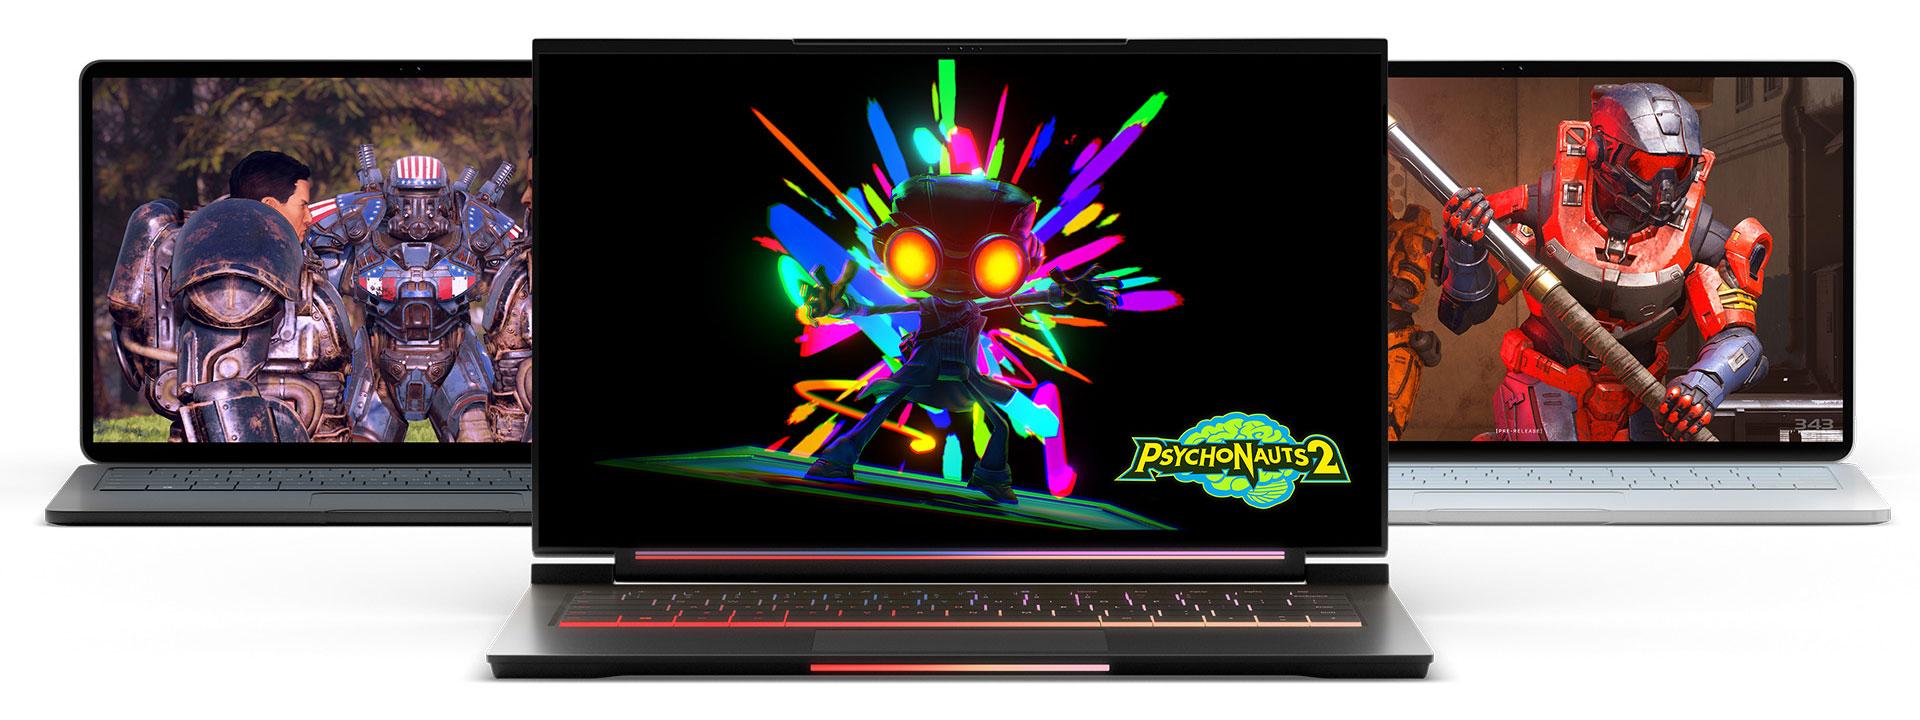 화면에 비디오 게임이 표시된 3대의 노트북 컴퓨터